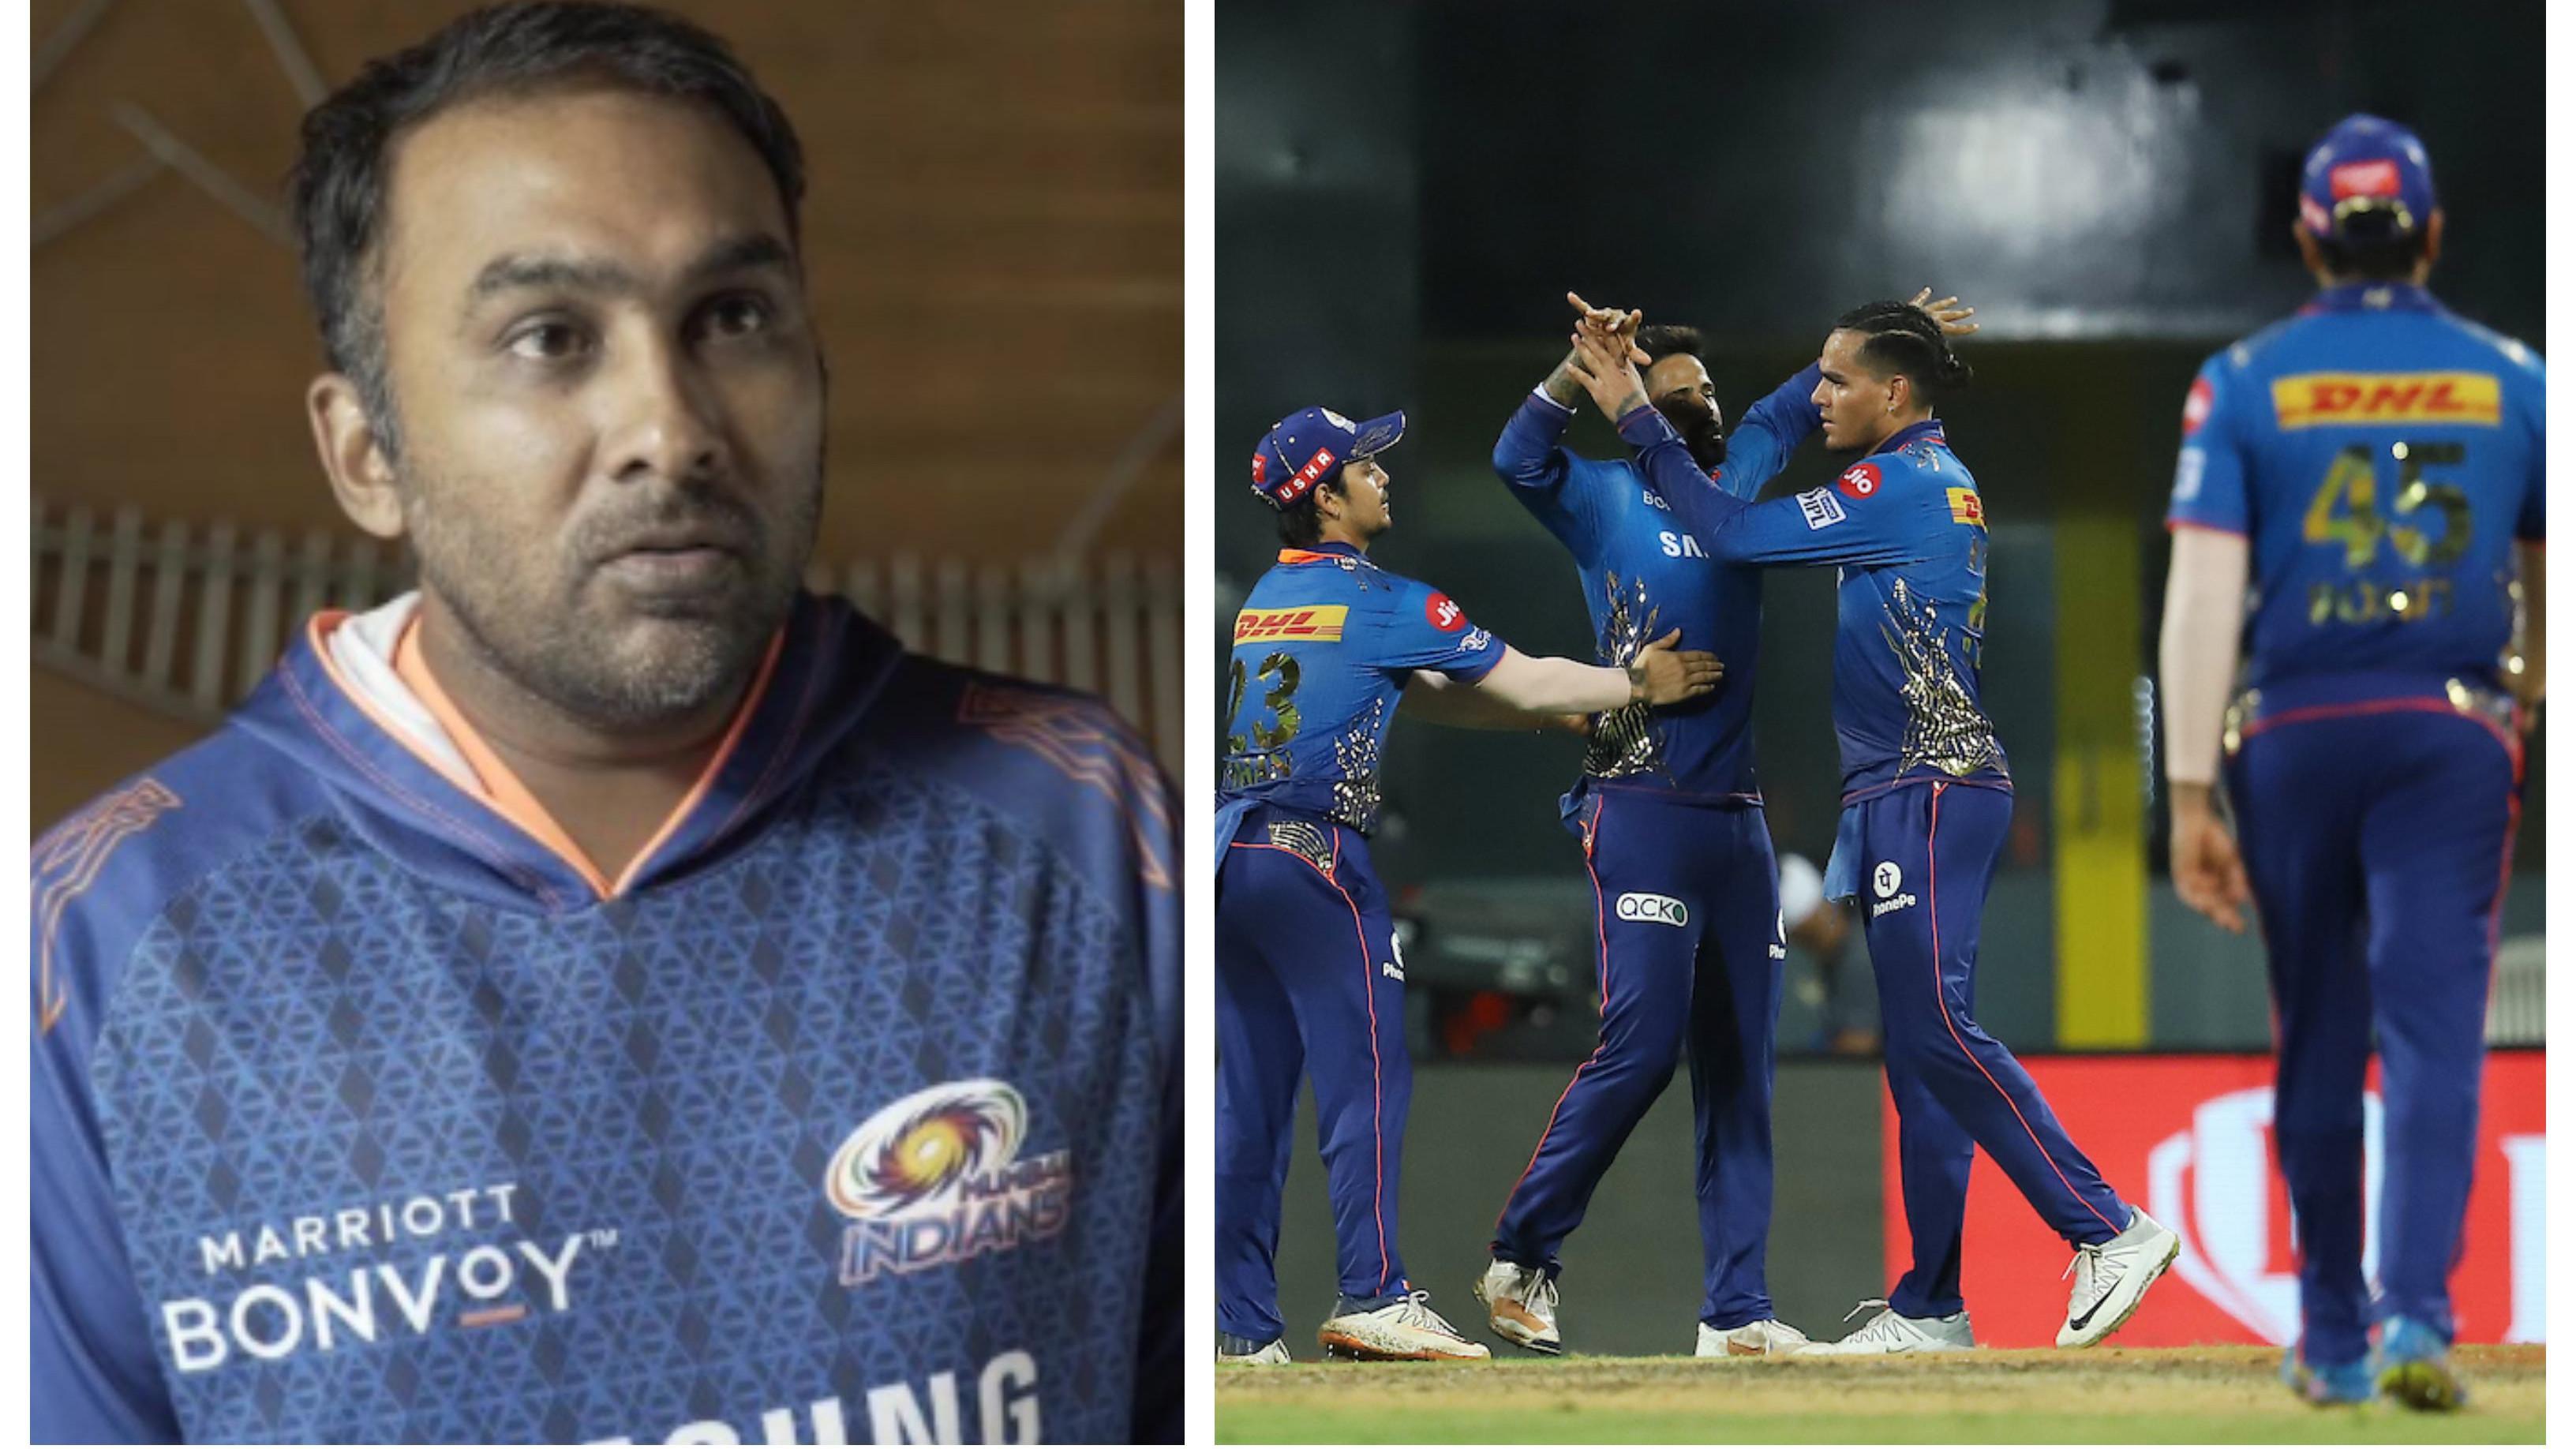 IPL 2021: Chennai wickets not unplayable, MI have adapted pretty well, says Mahela Jayawardena